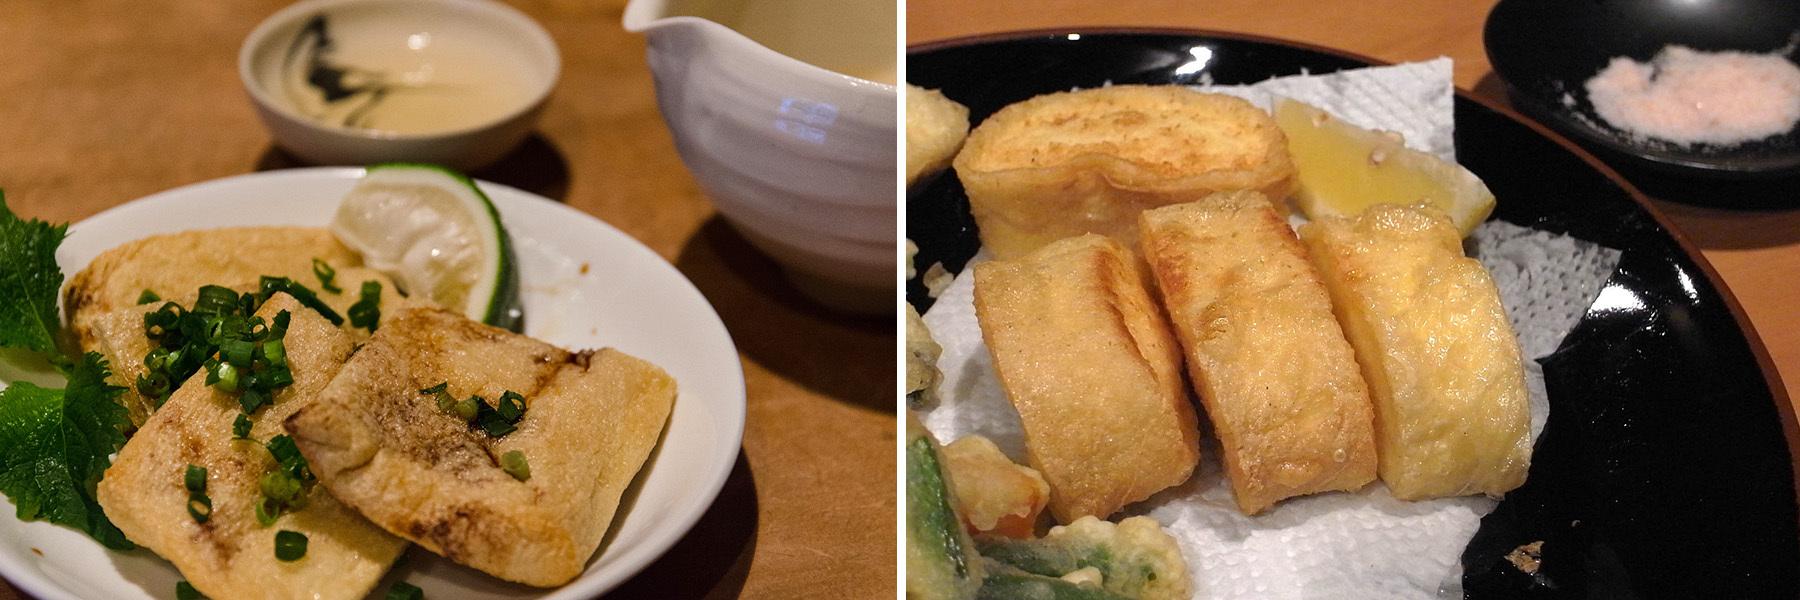 だいずな(大事な)日本の食材。 <第367巻>_b0340837_16363411.jpg